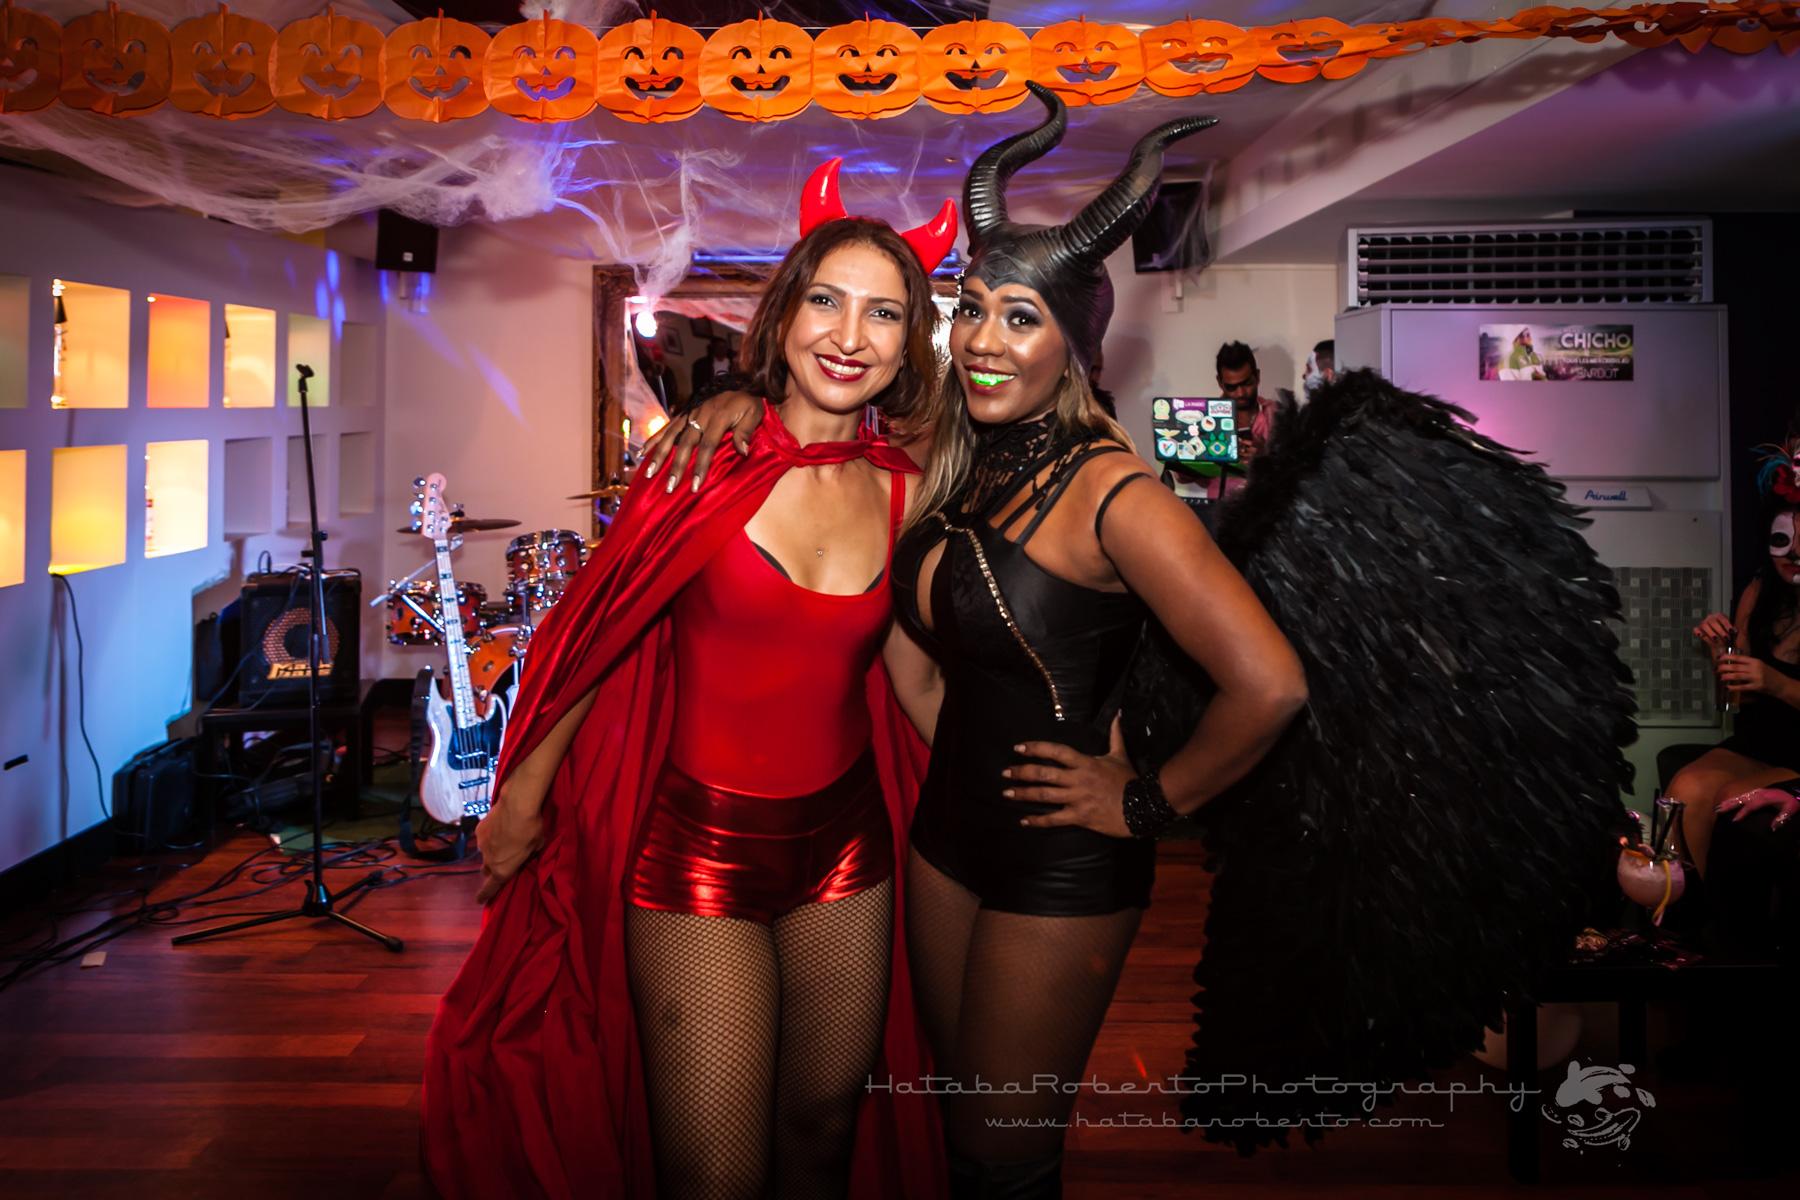 HalloweenHatabaRoberto-135